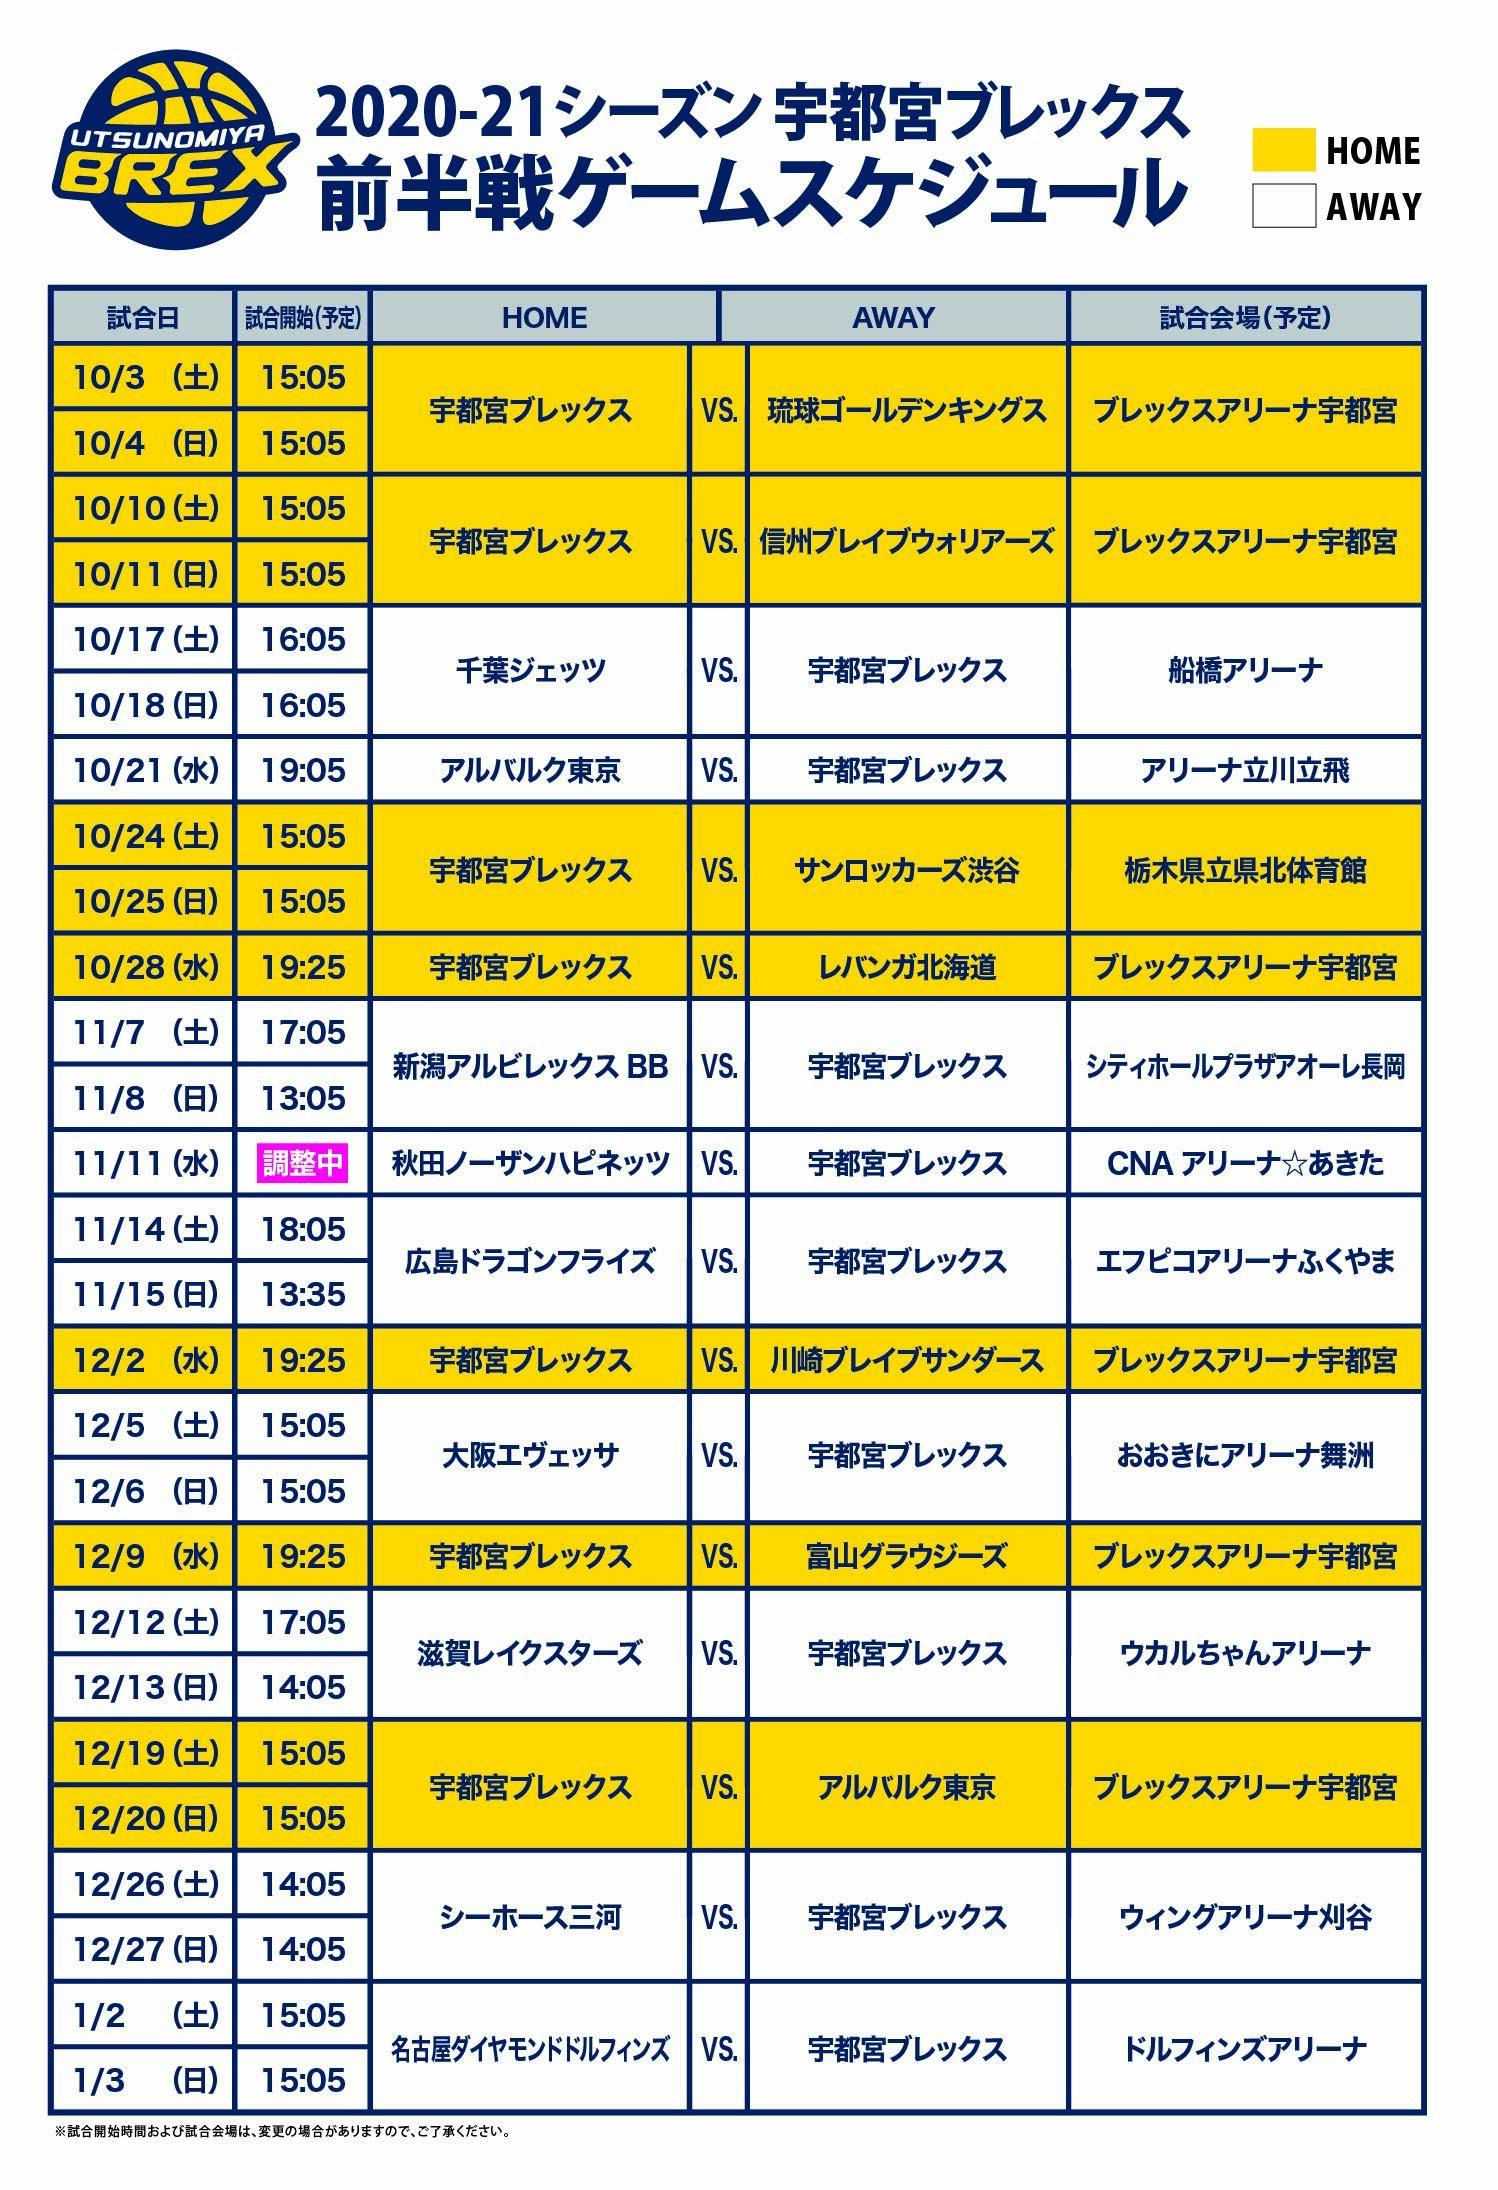 2020-21 シーズン 前半スケジュール